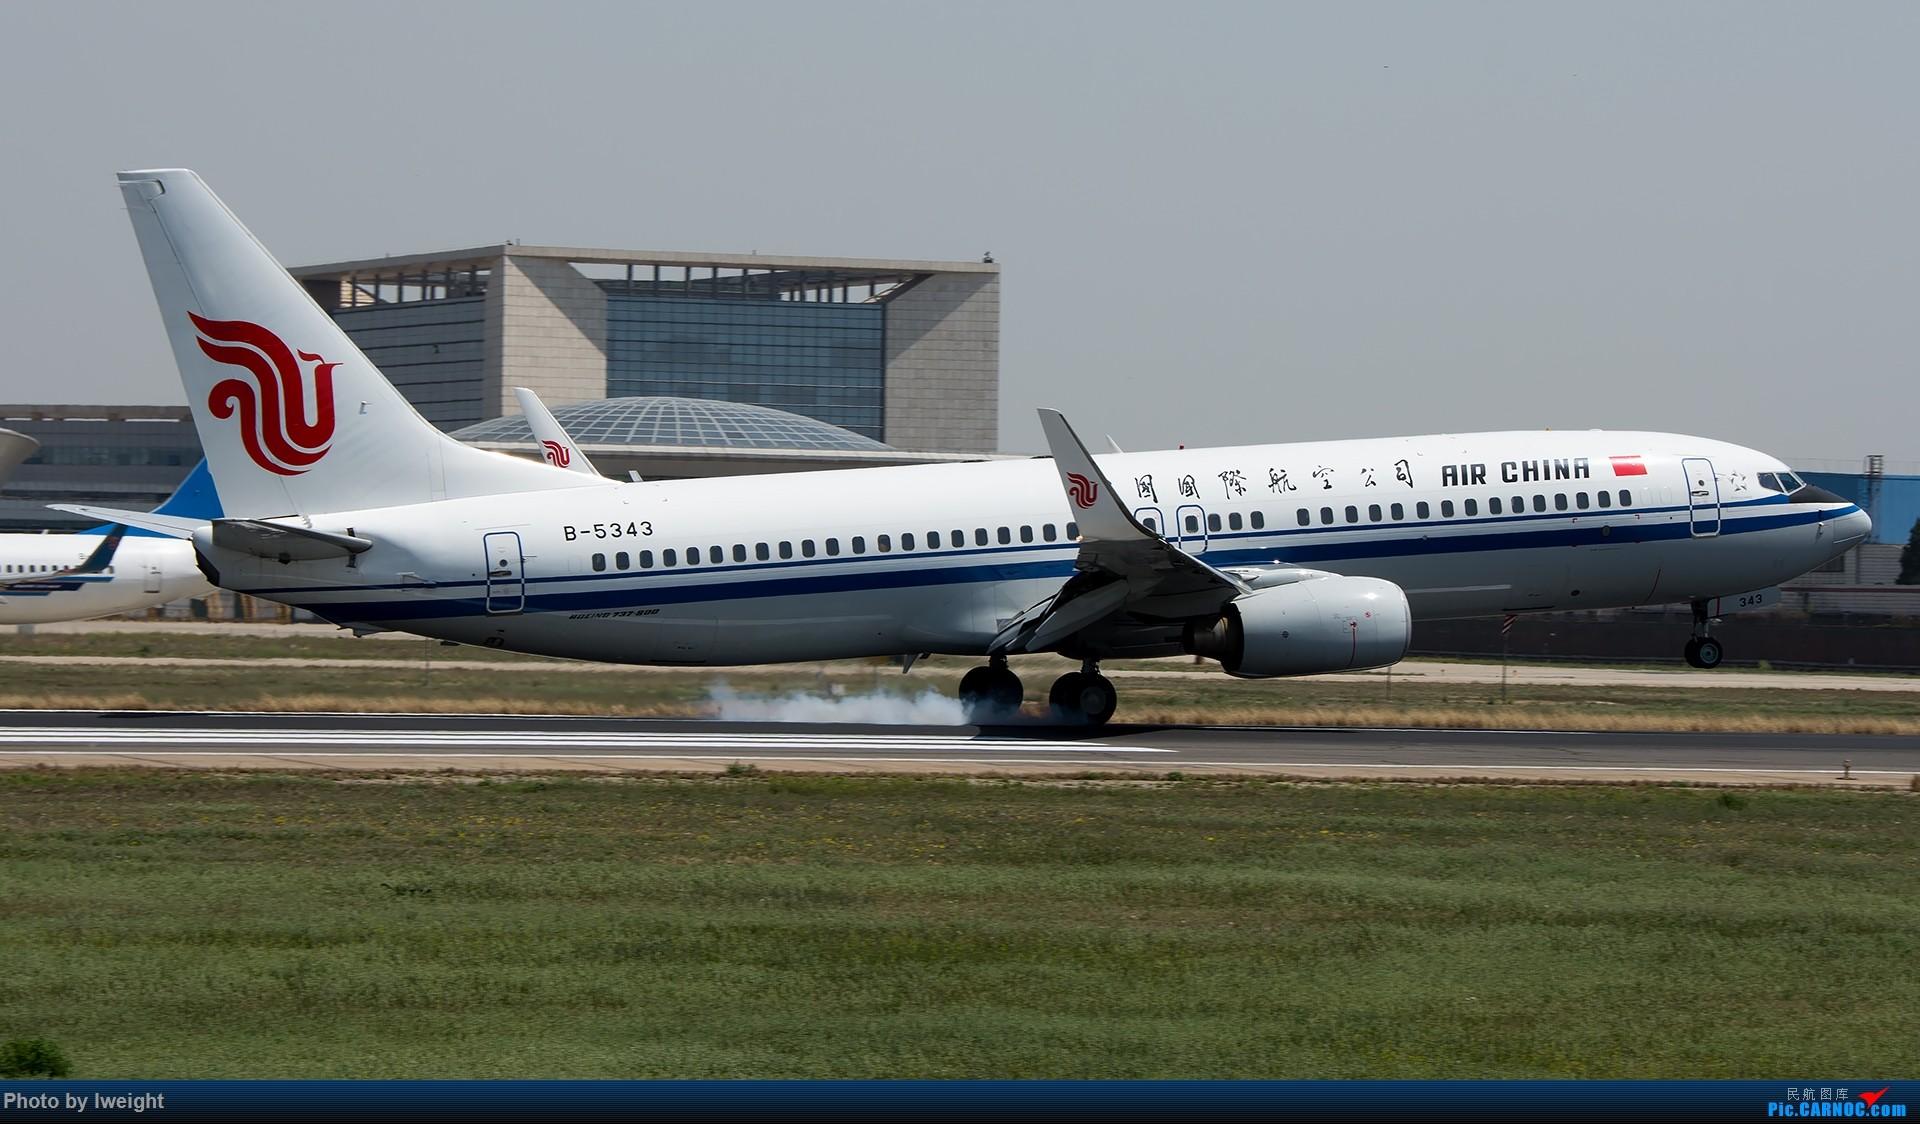 Re:[原创]天气晴朗,继续守候18R【多图】 BOEING 737-800 B-5343 中国北京首都国际机场